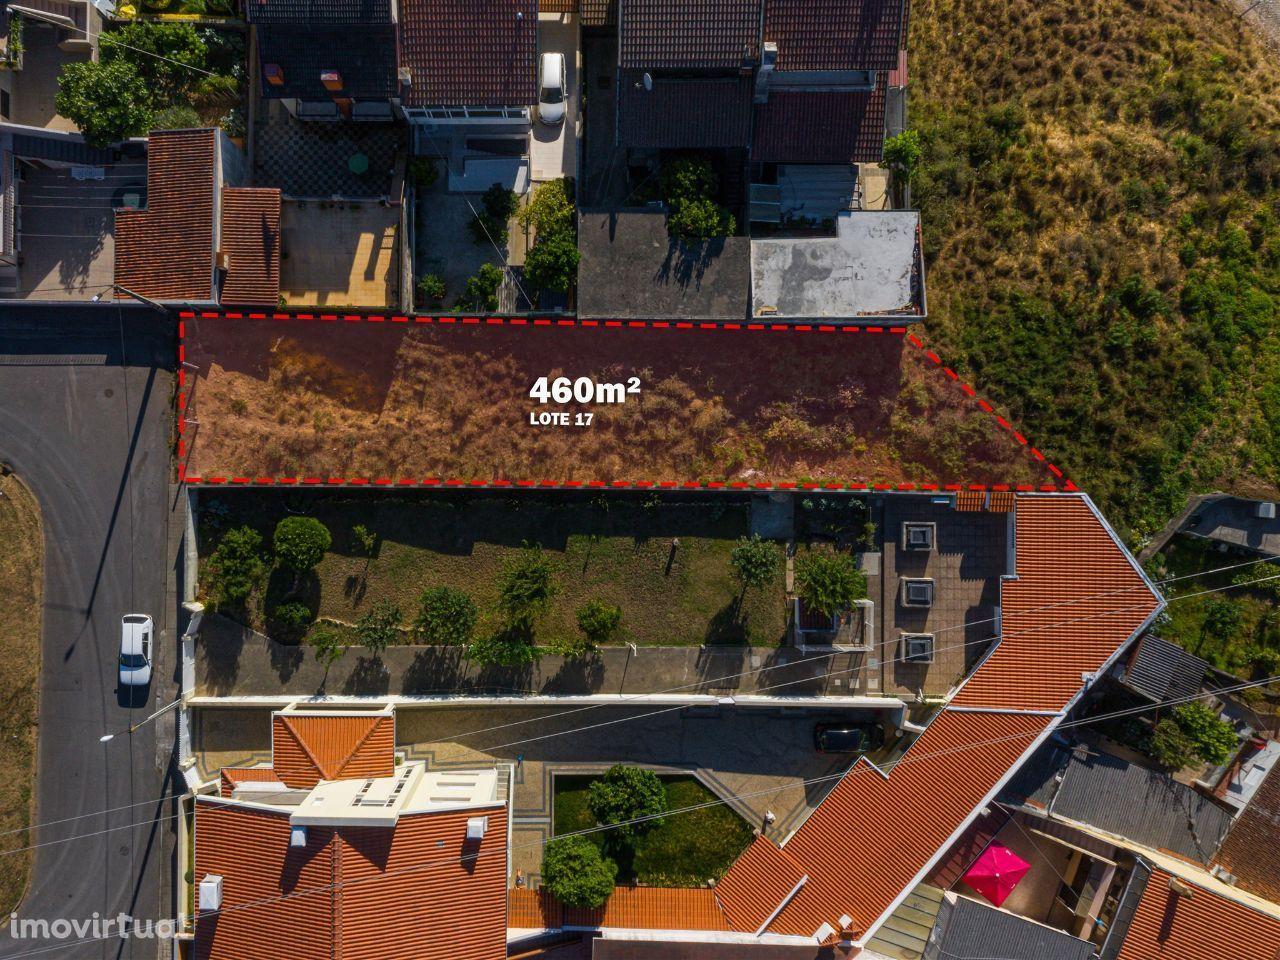 Gondomar | Terreno para construção com 460m2